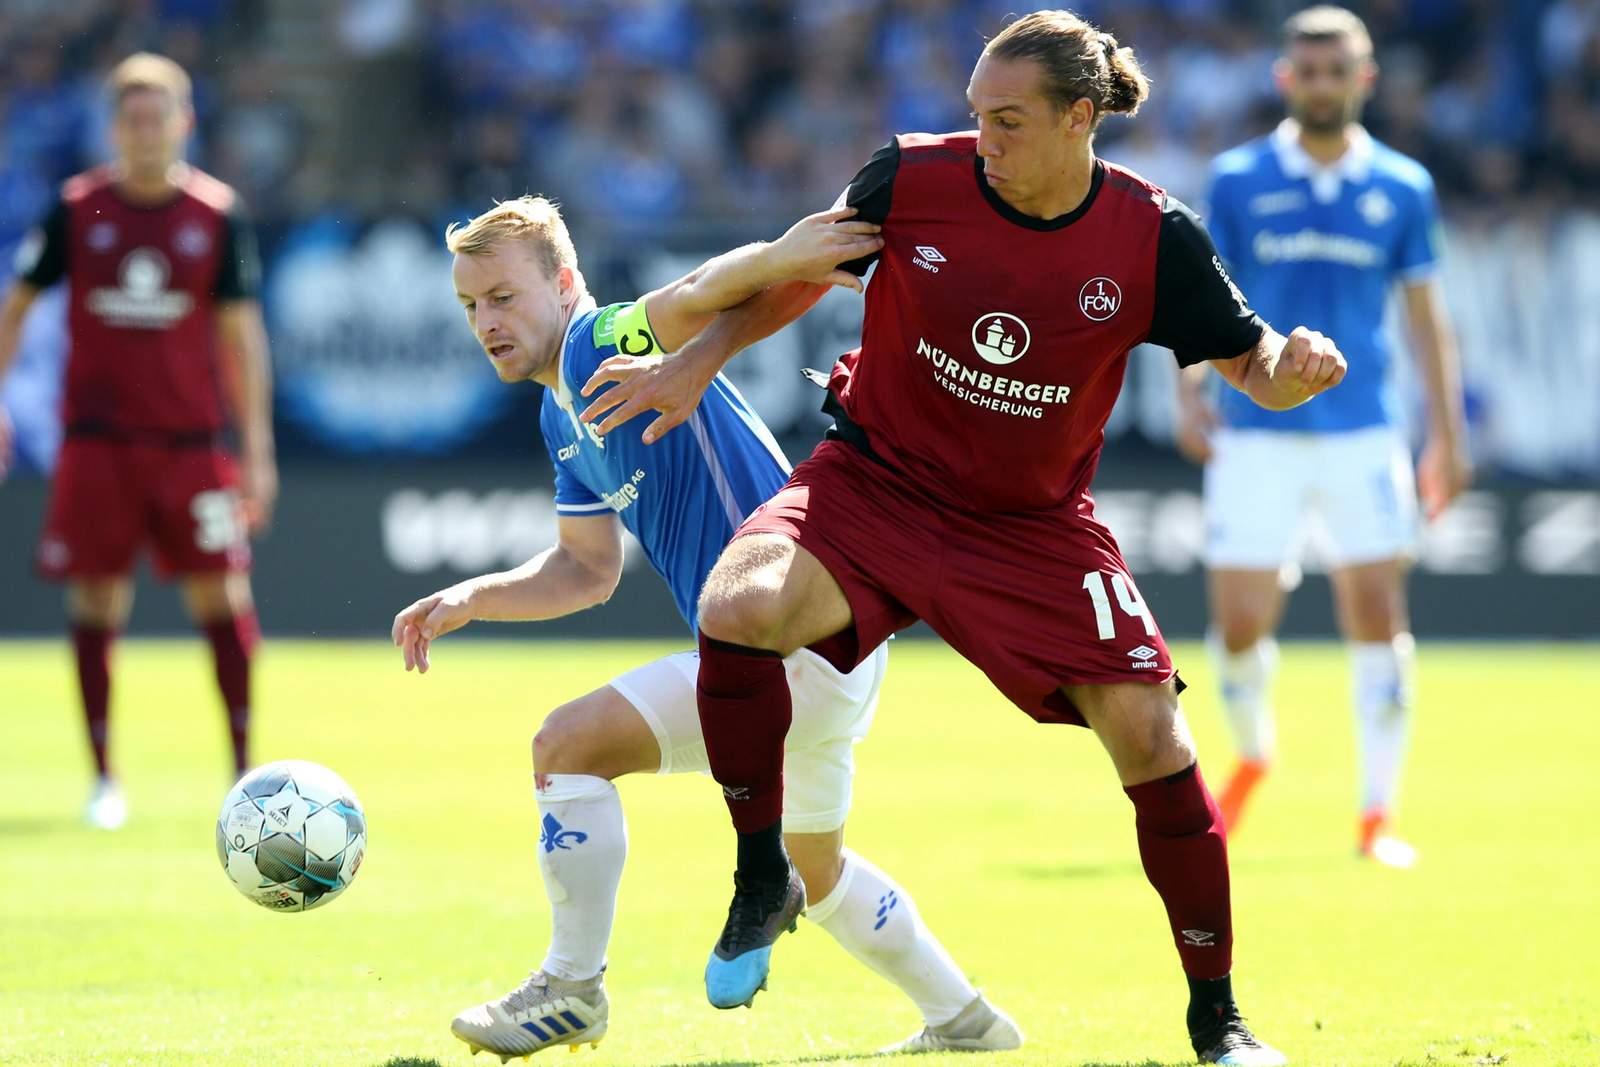 Michael Frey vom 1. FC Nürnberg gegen Fabian Holland von Darmstadt 98